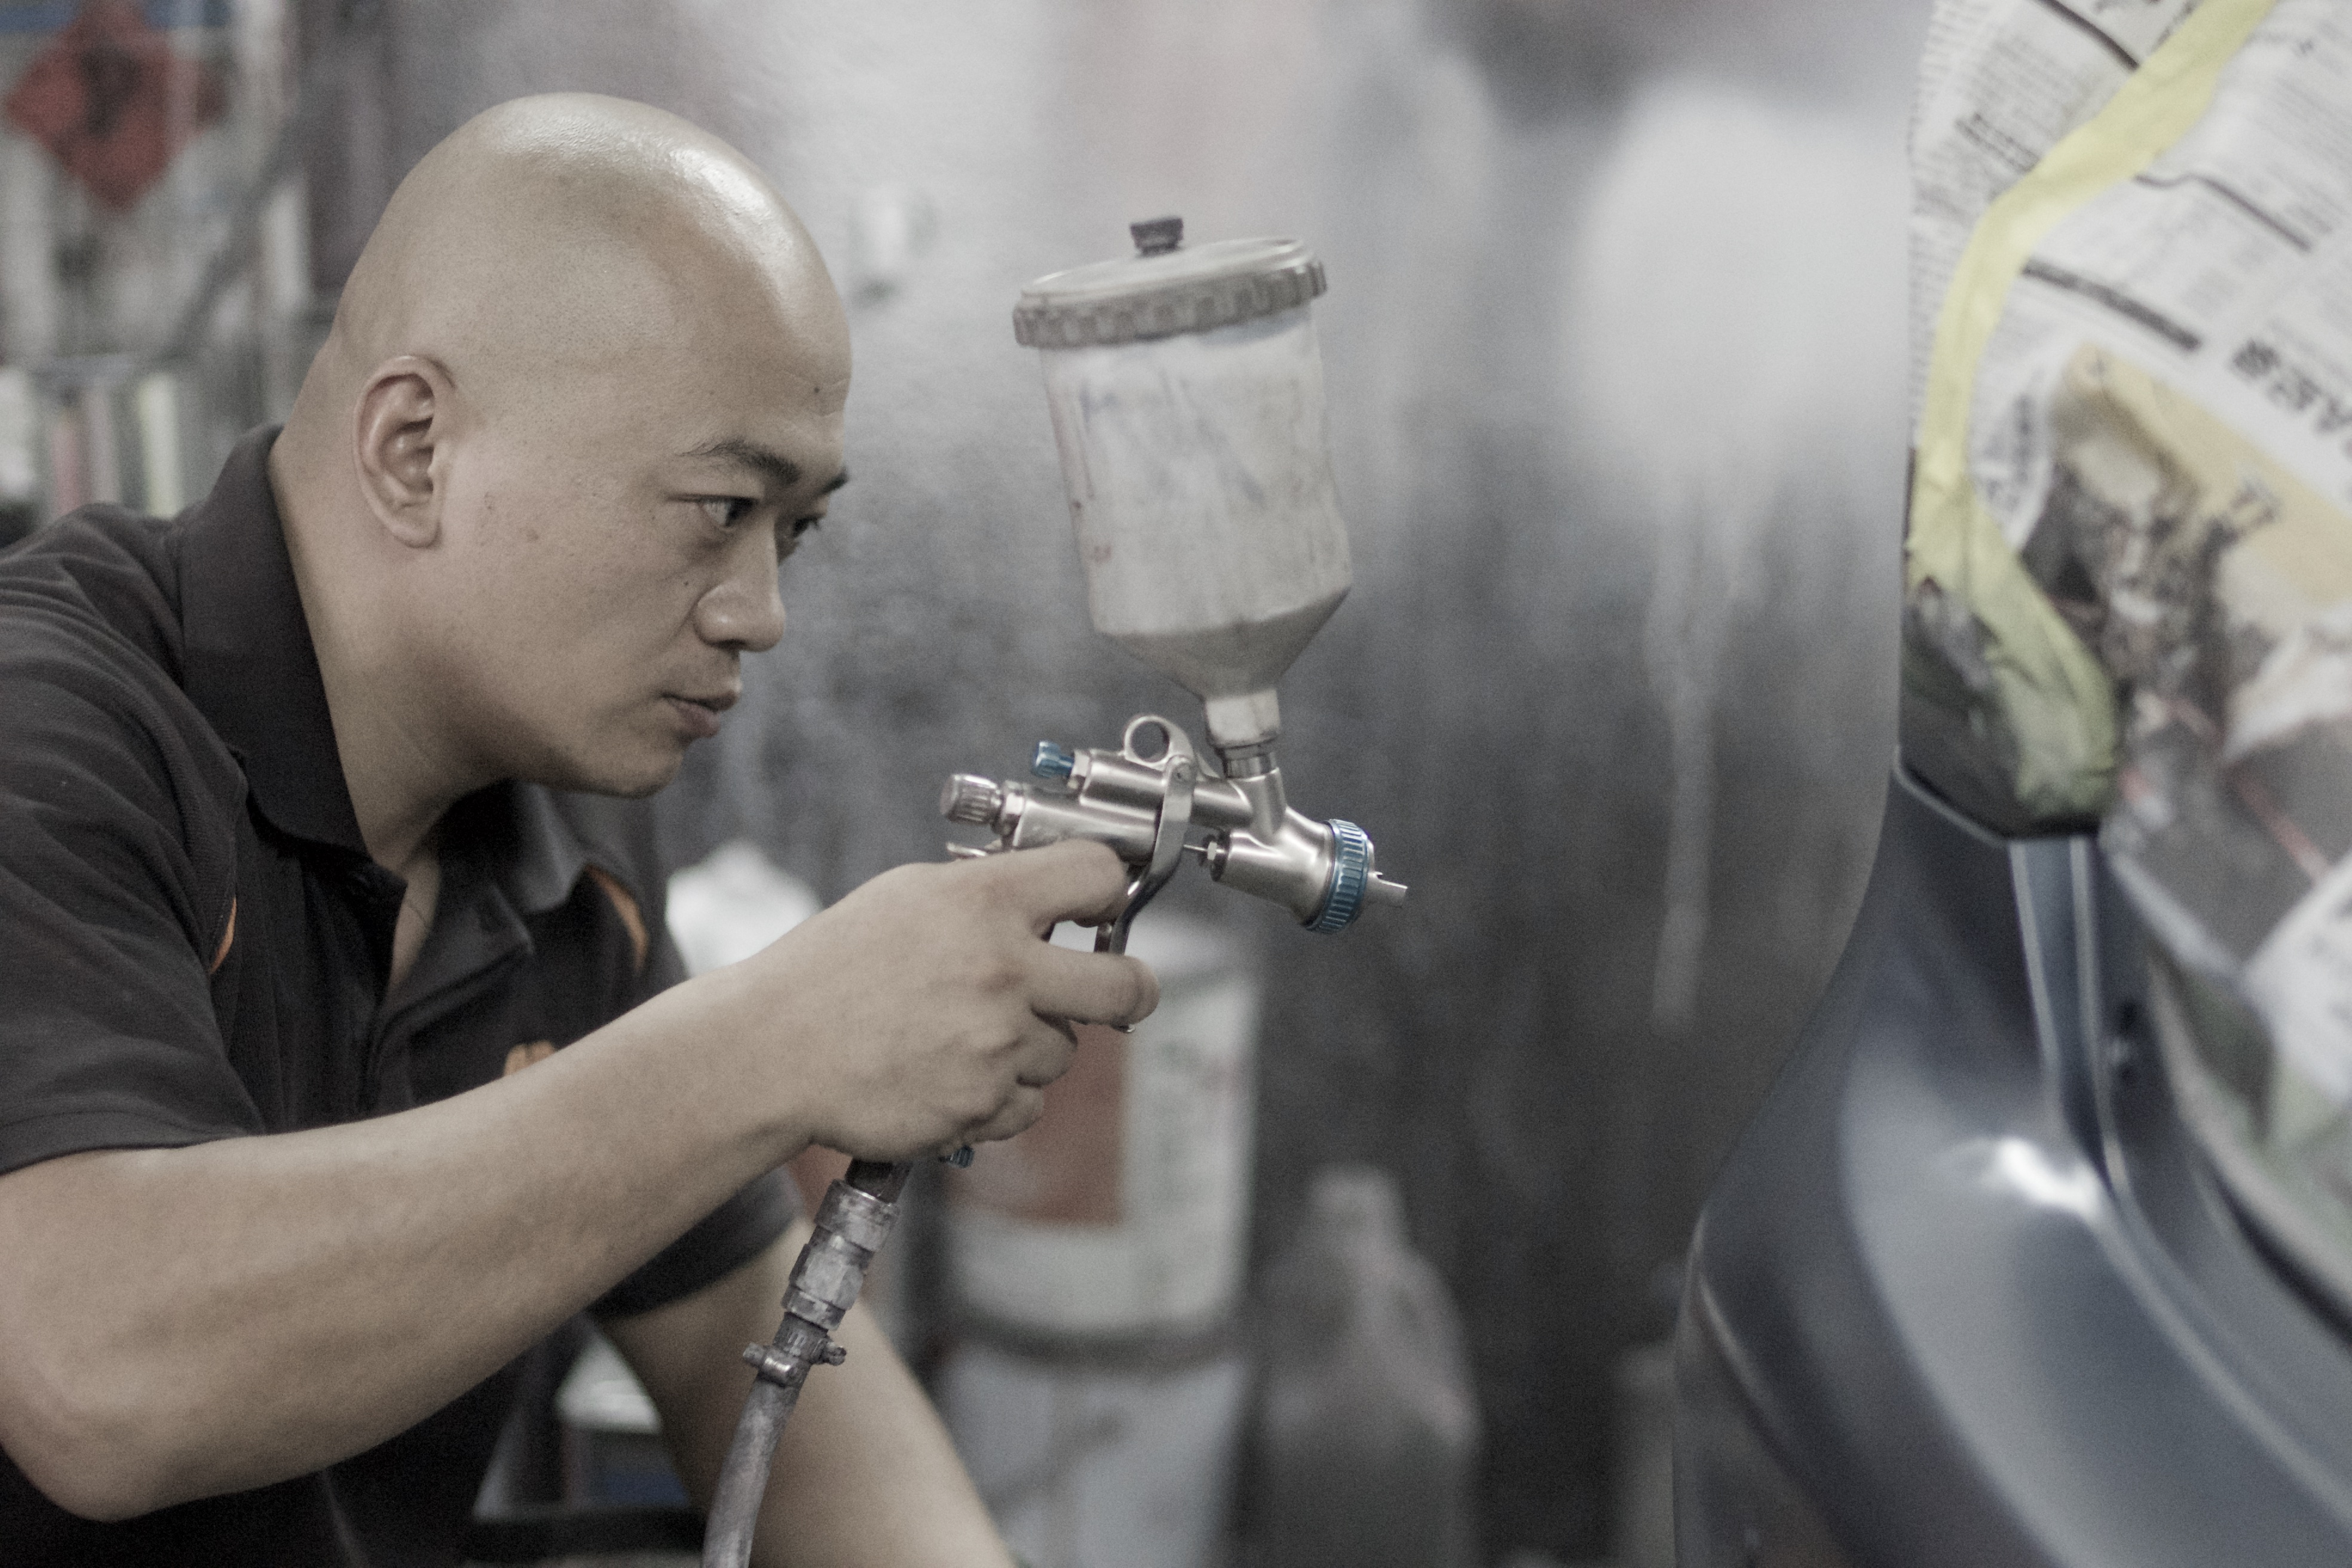 automotive car spray painting painter